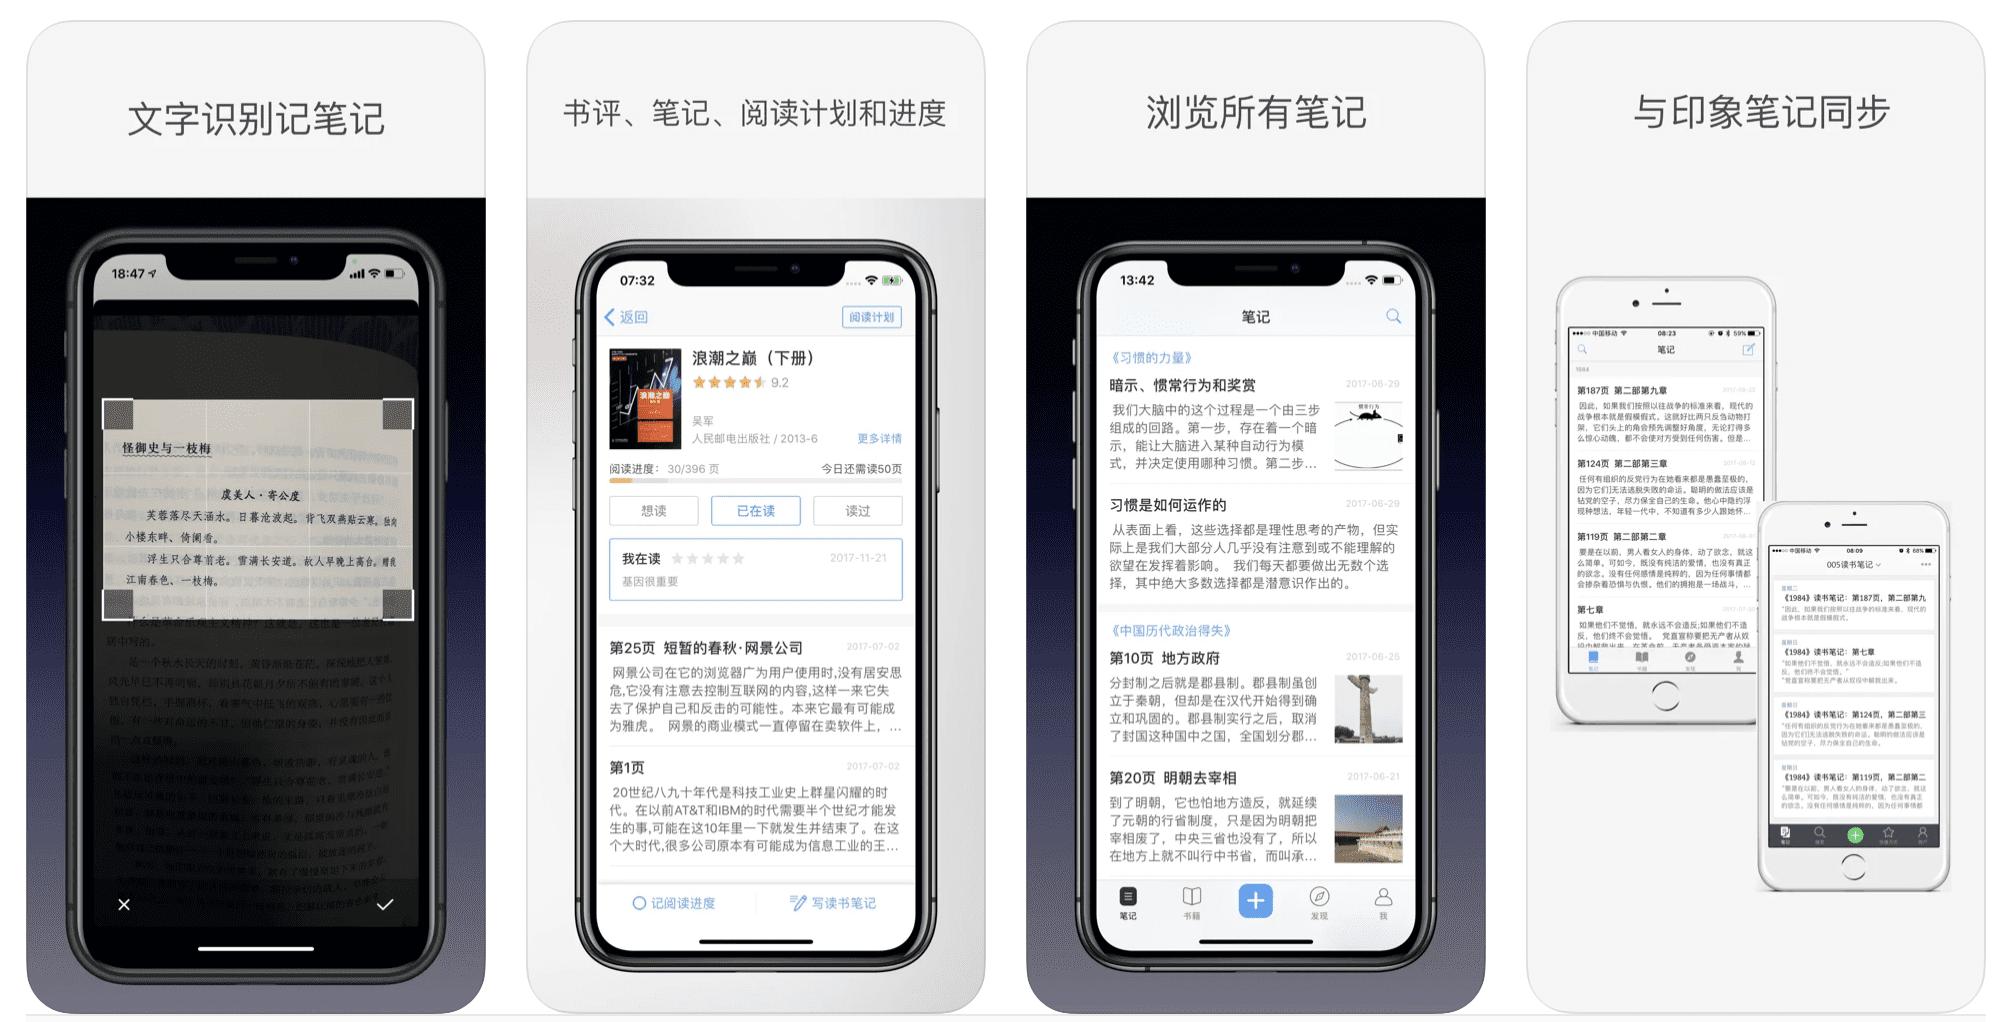 瓣读功能介绍